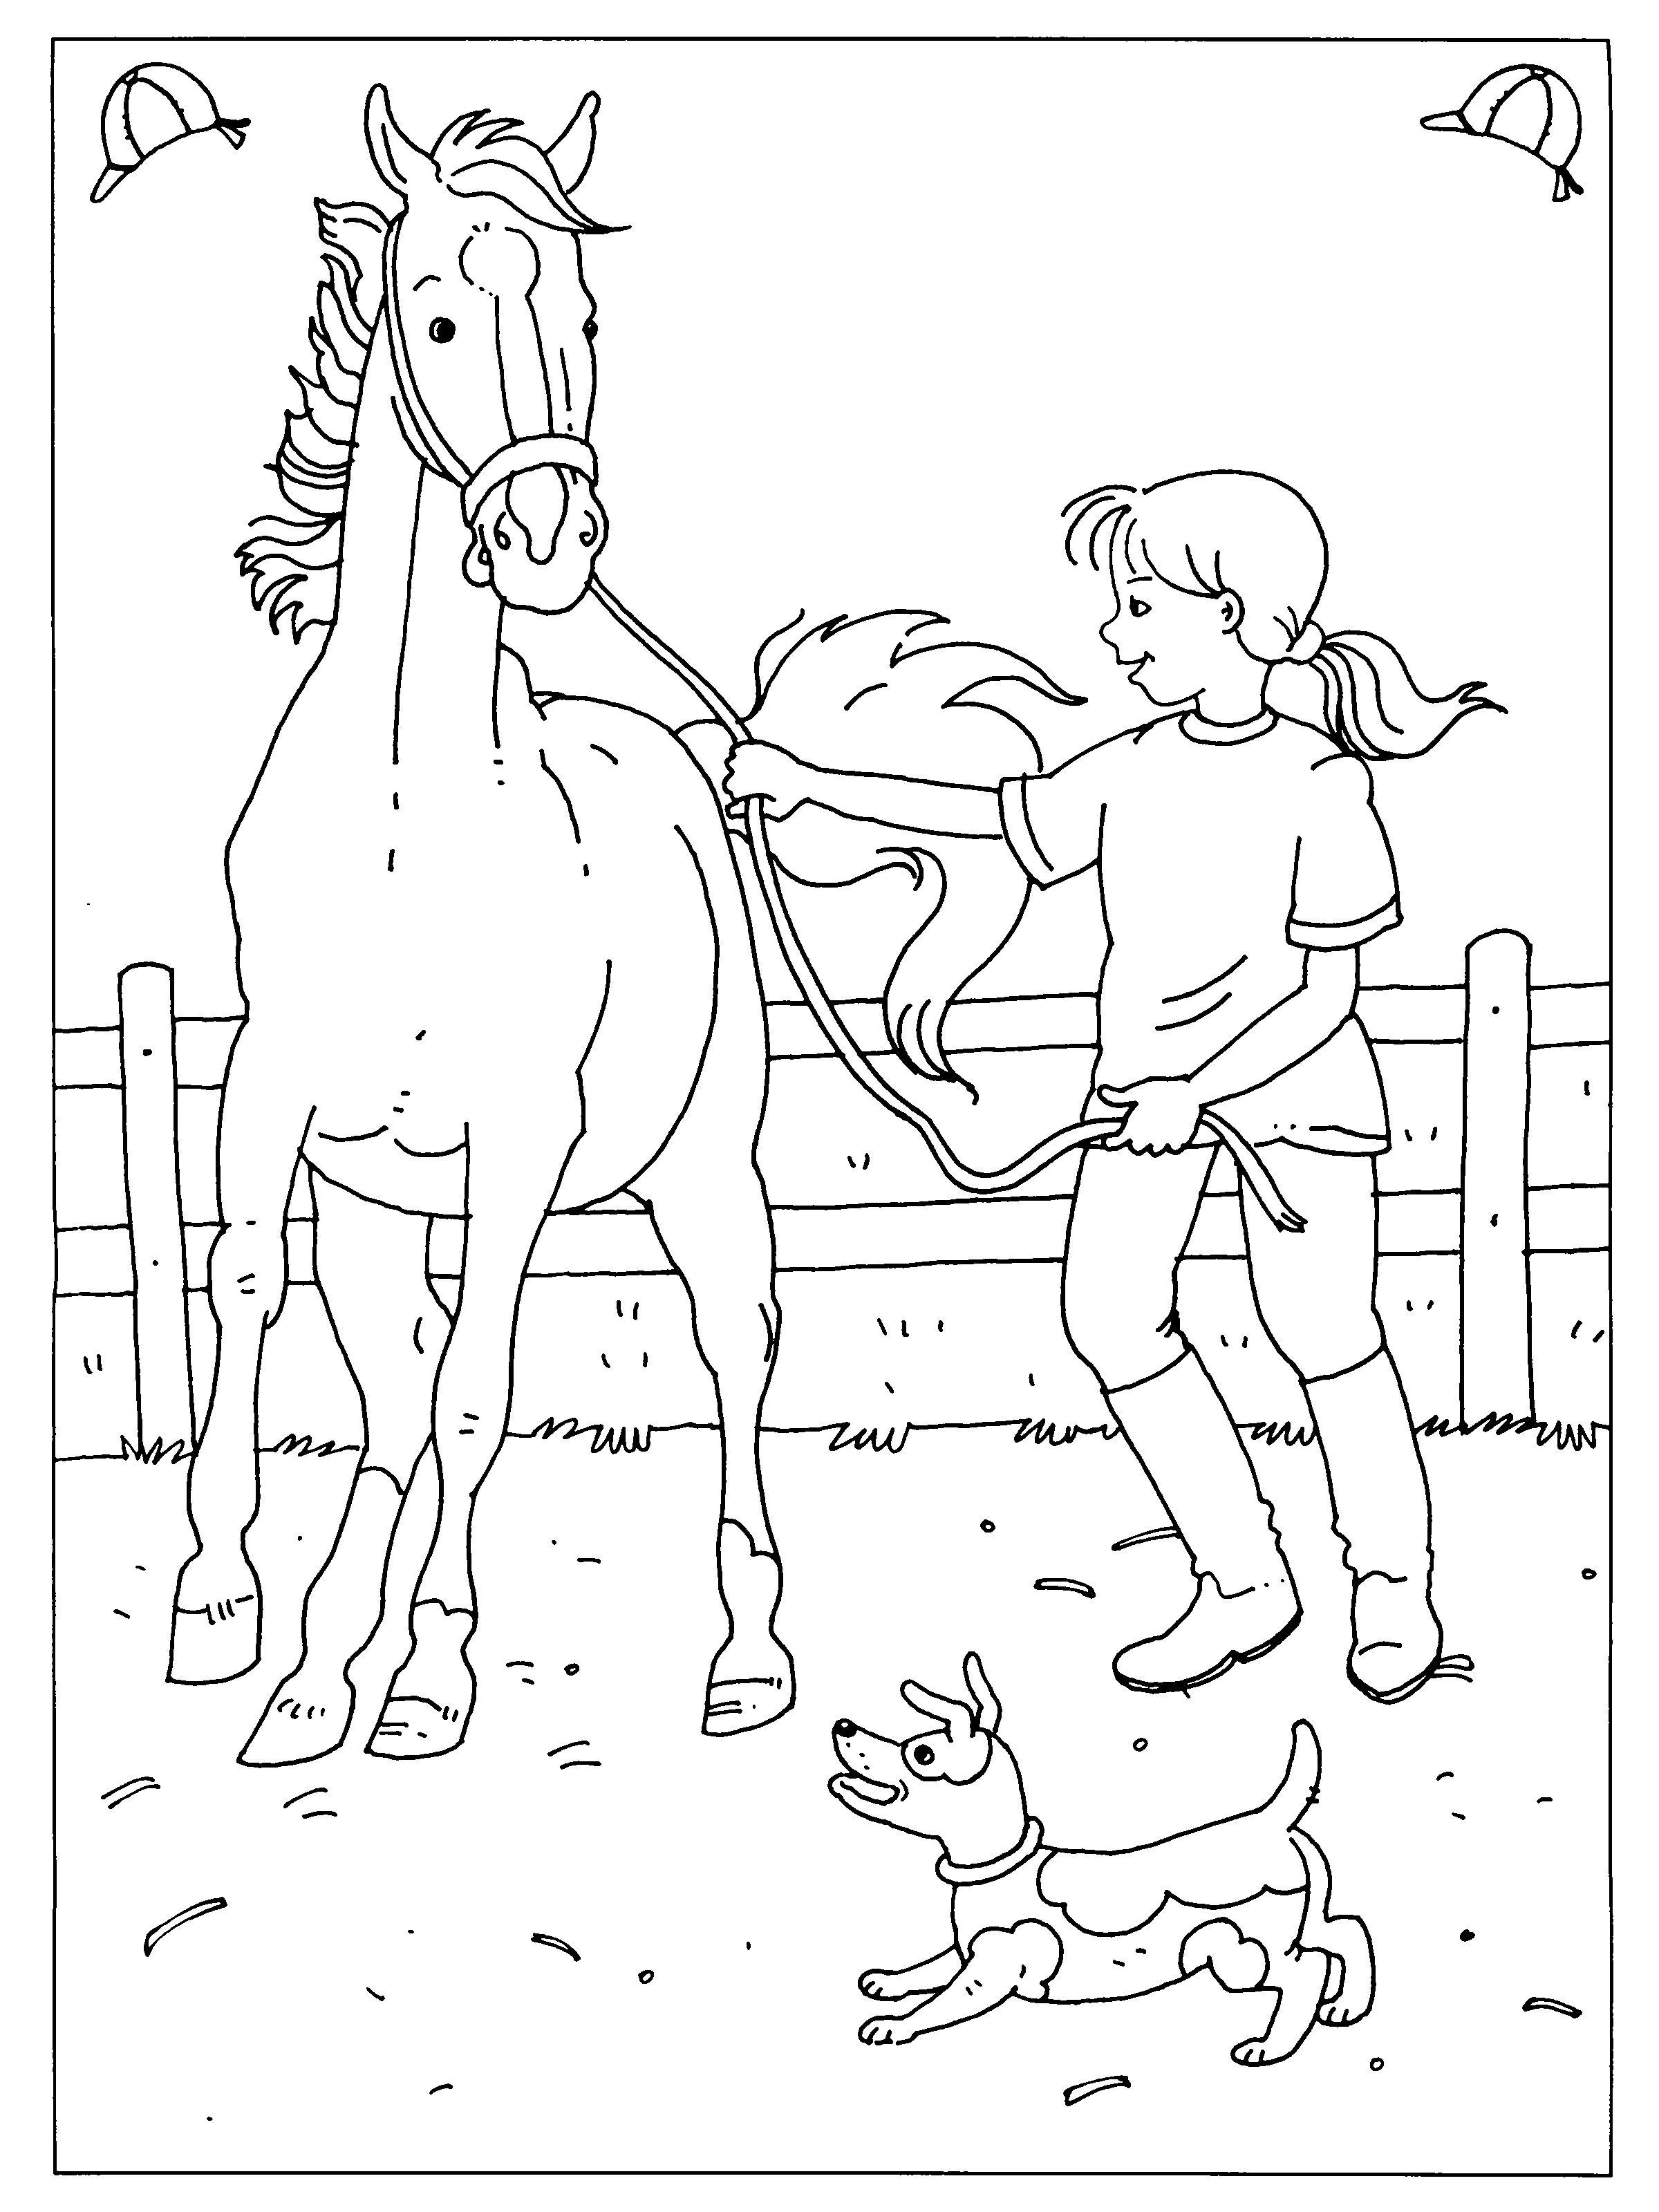 Kleurplaten Love Paarden.Kleurplaat Dressuur Wedstrijd Paard Dibujos Colorear Horse